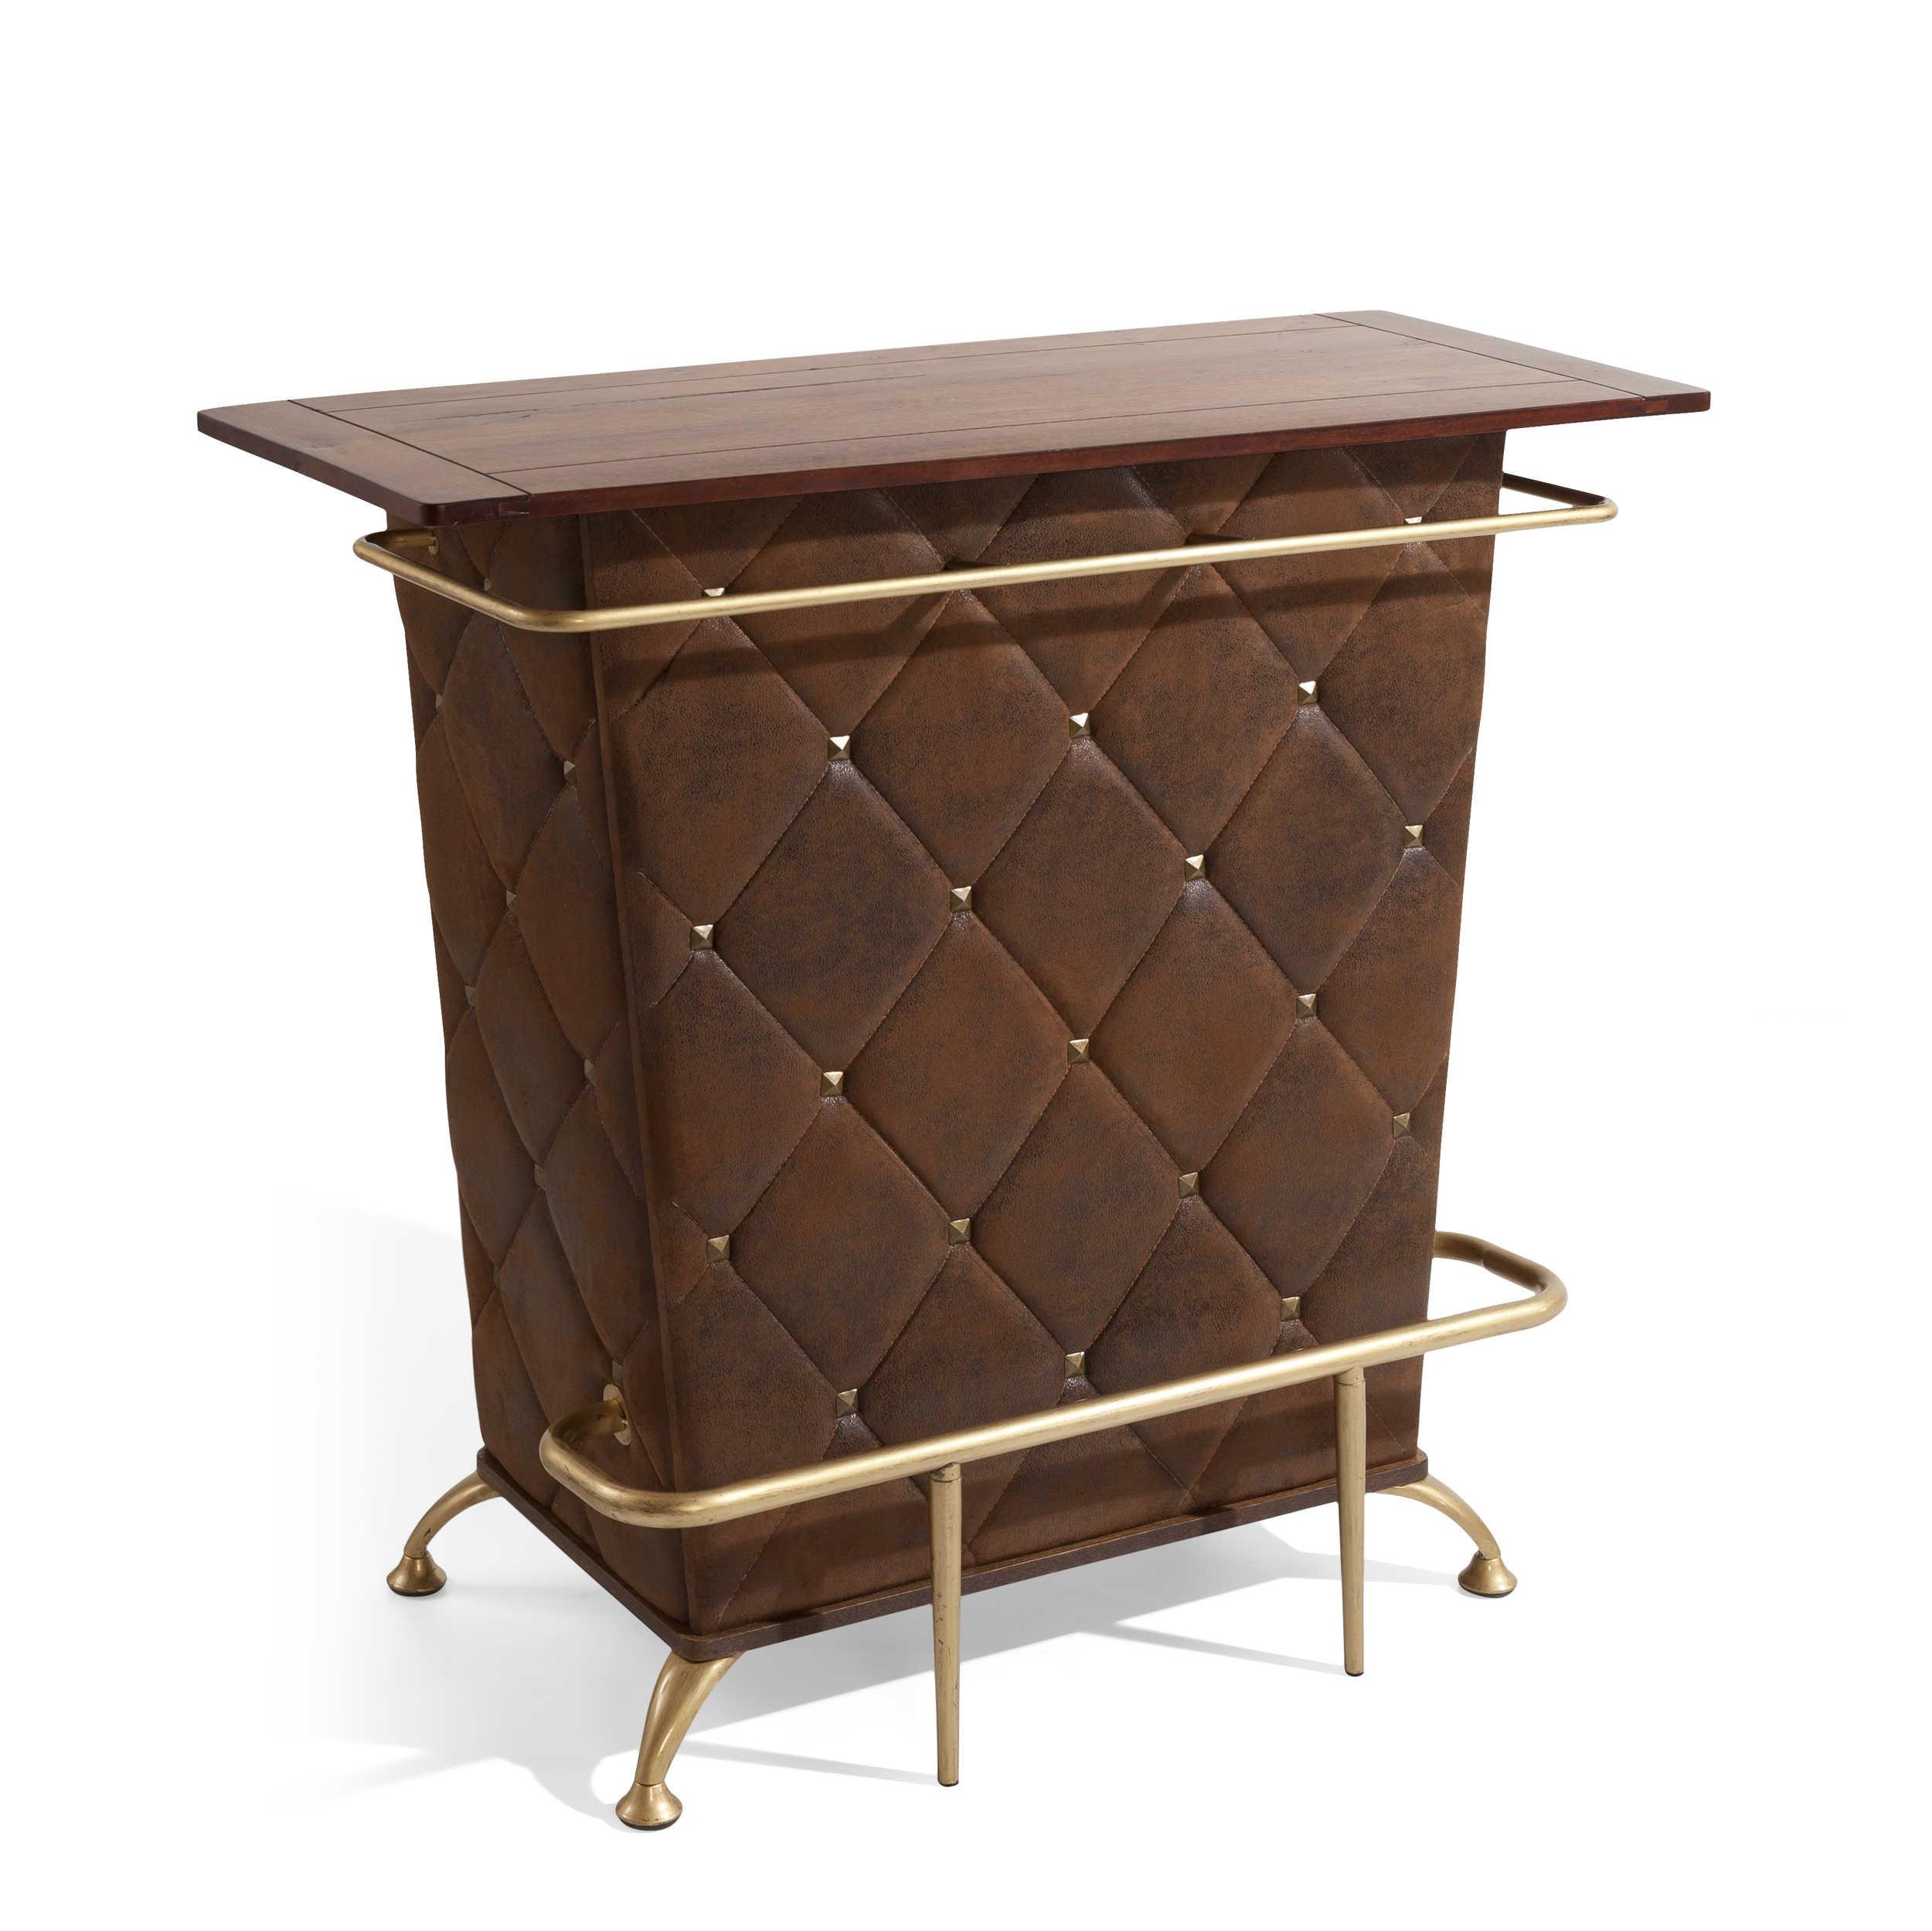 kare bartisch vintage 120 x 52 cm braun mikrofaser online kaufen bei woonio. Black Bedroom Furniture Sets. Home Design Ideas